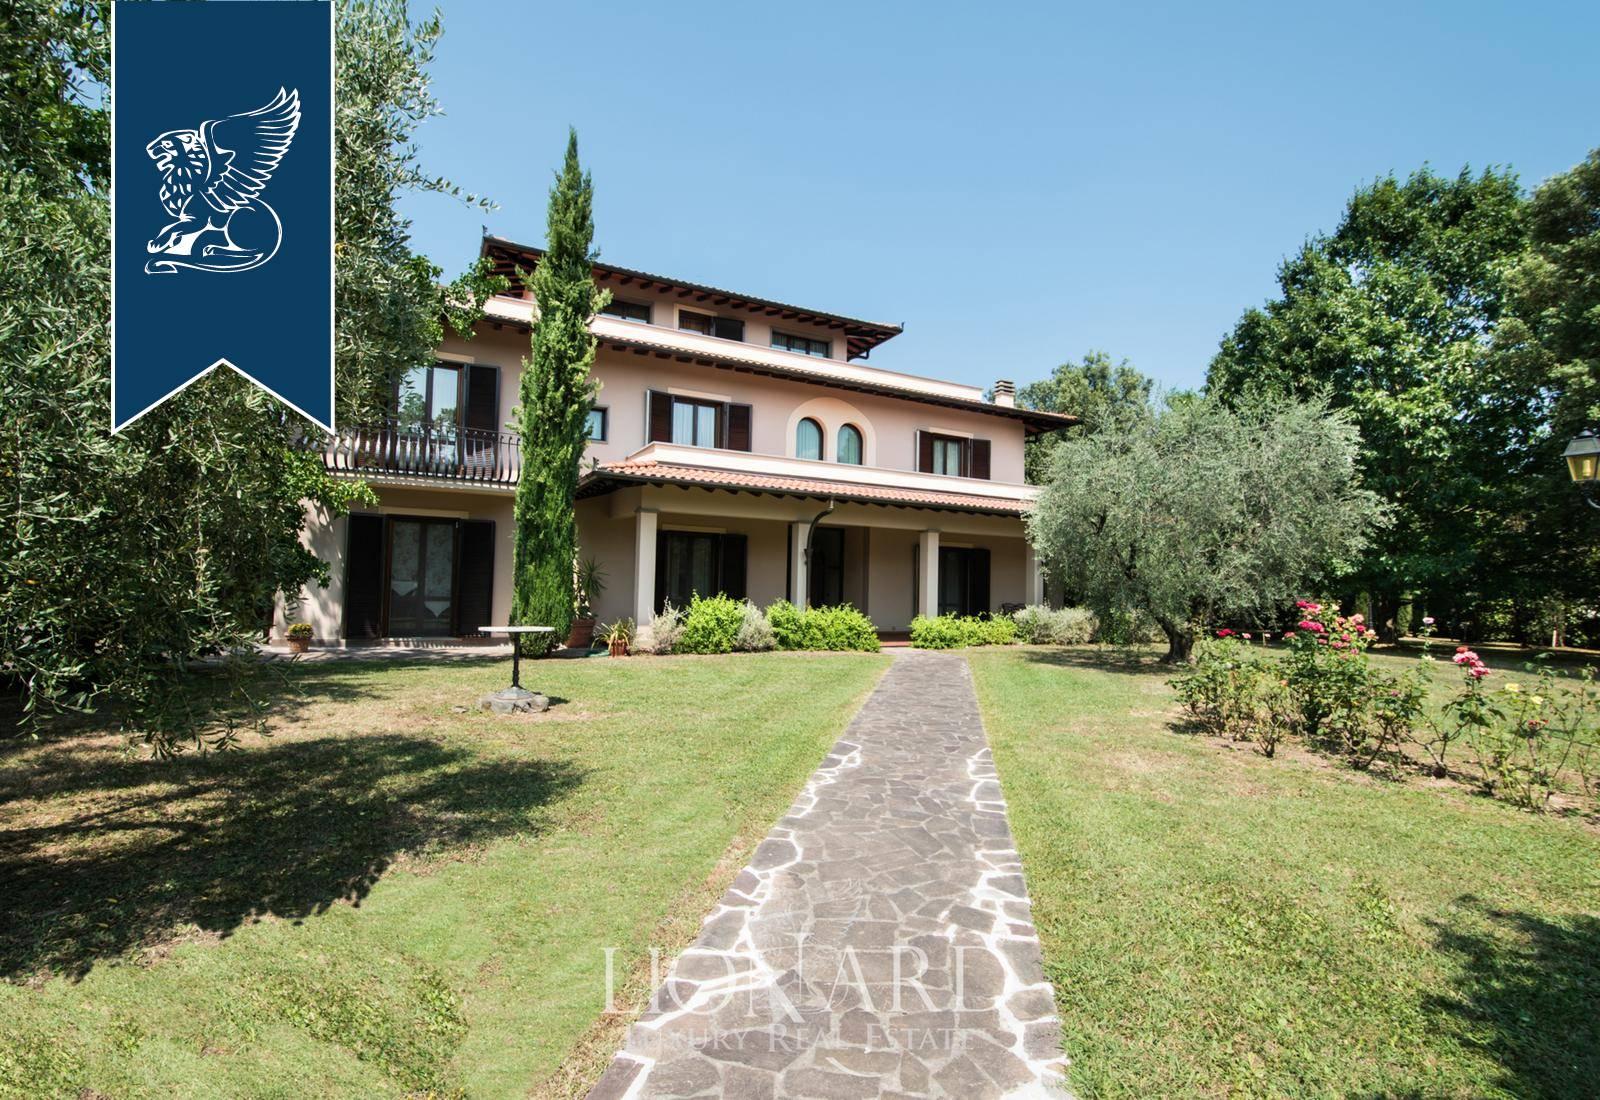 Villa in Vendita a Pieve A Nievole: 0 locali, 620 mq - Foto 8